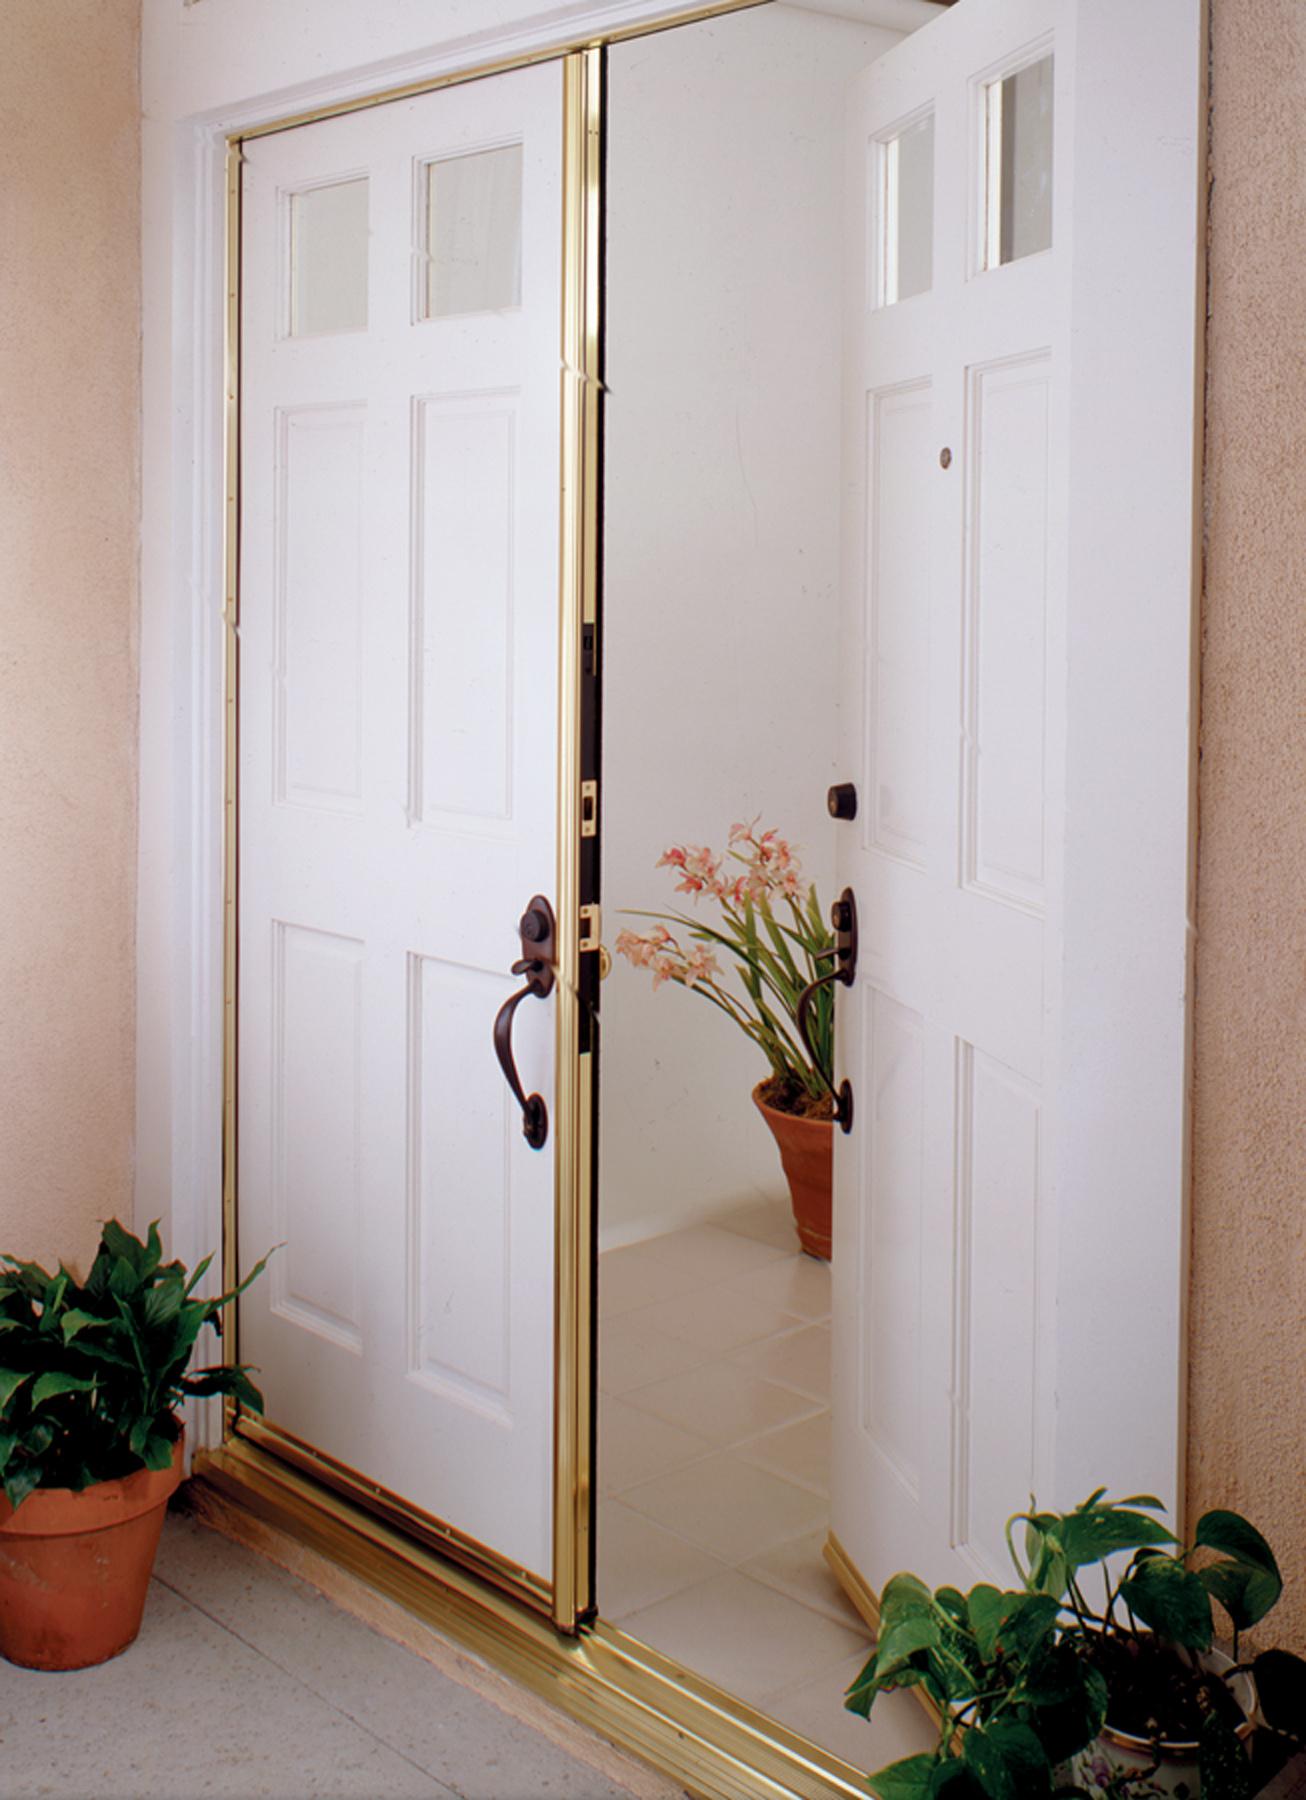 Pemko door astragal pemko 356dv80 t astragal 80 for Double door replacement